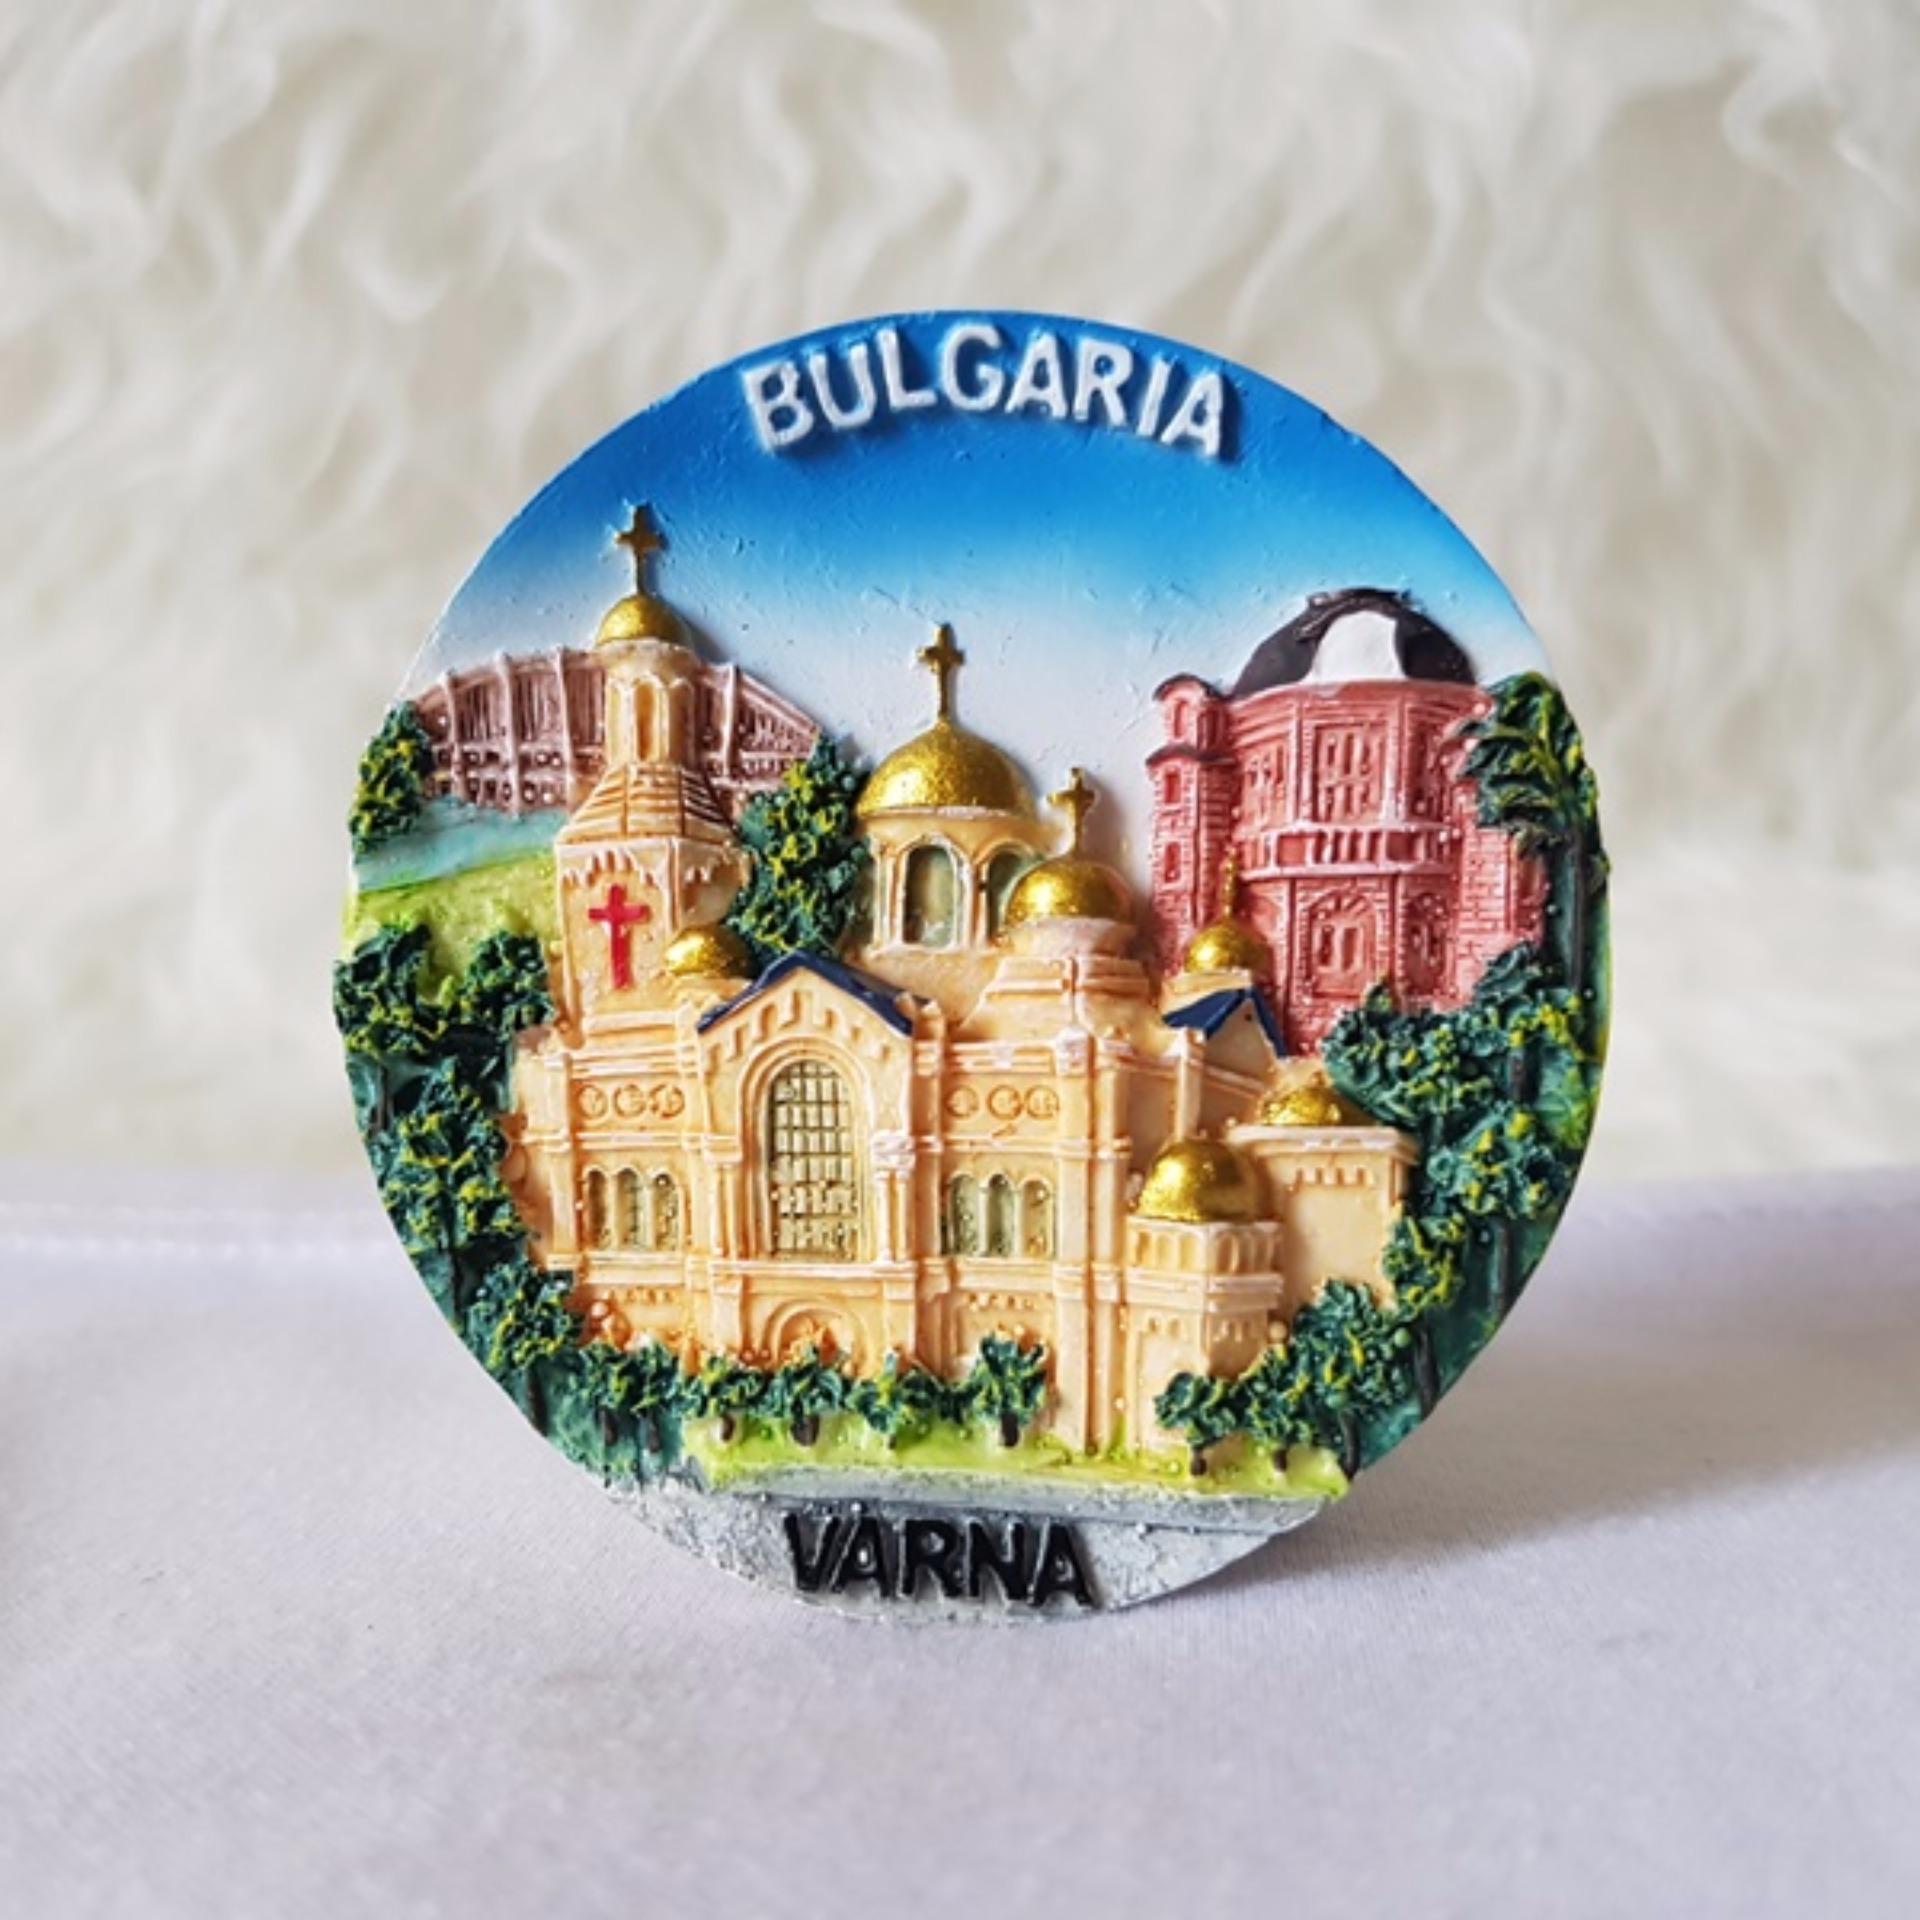 Harga preferensial Gloria Bellucci - Magnet kulkas souvenir negara bulgaria terbaik murah - Hanya Rp38.